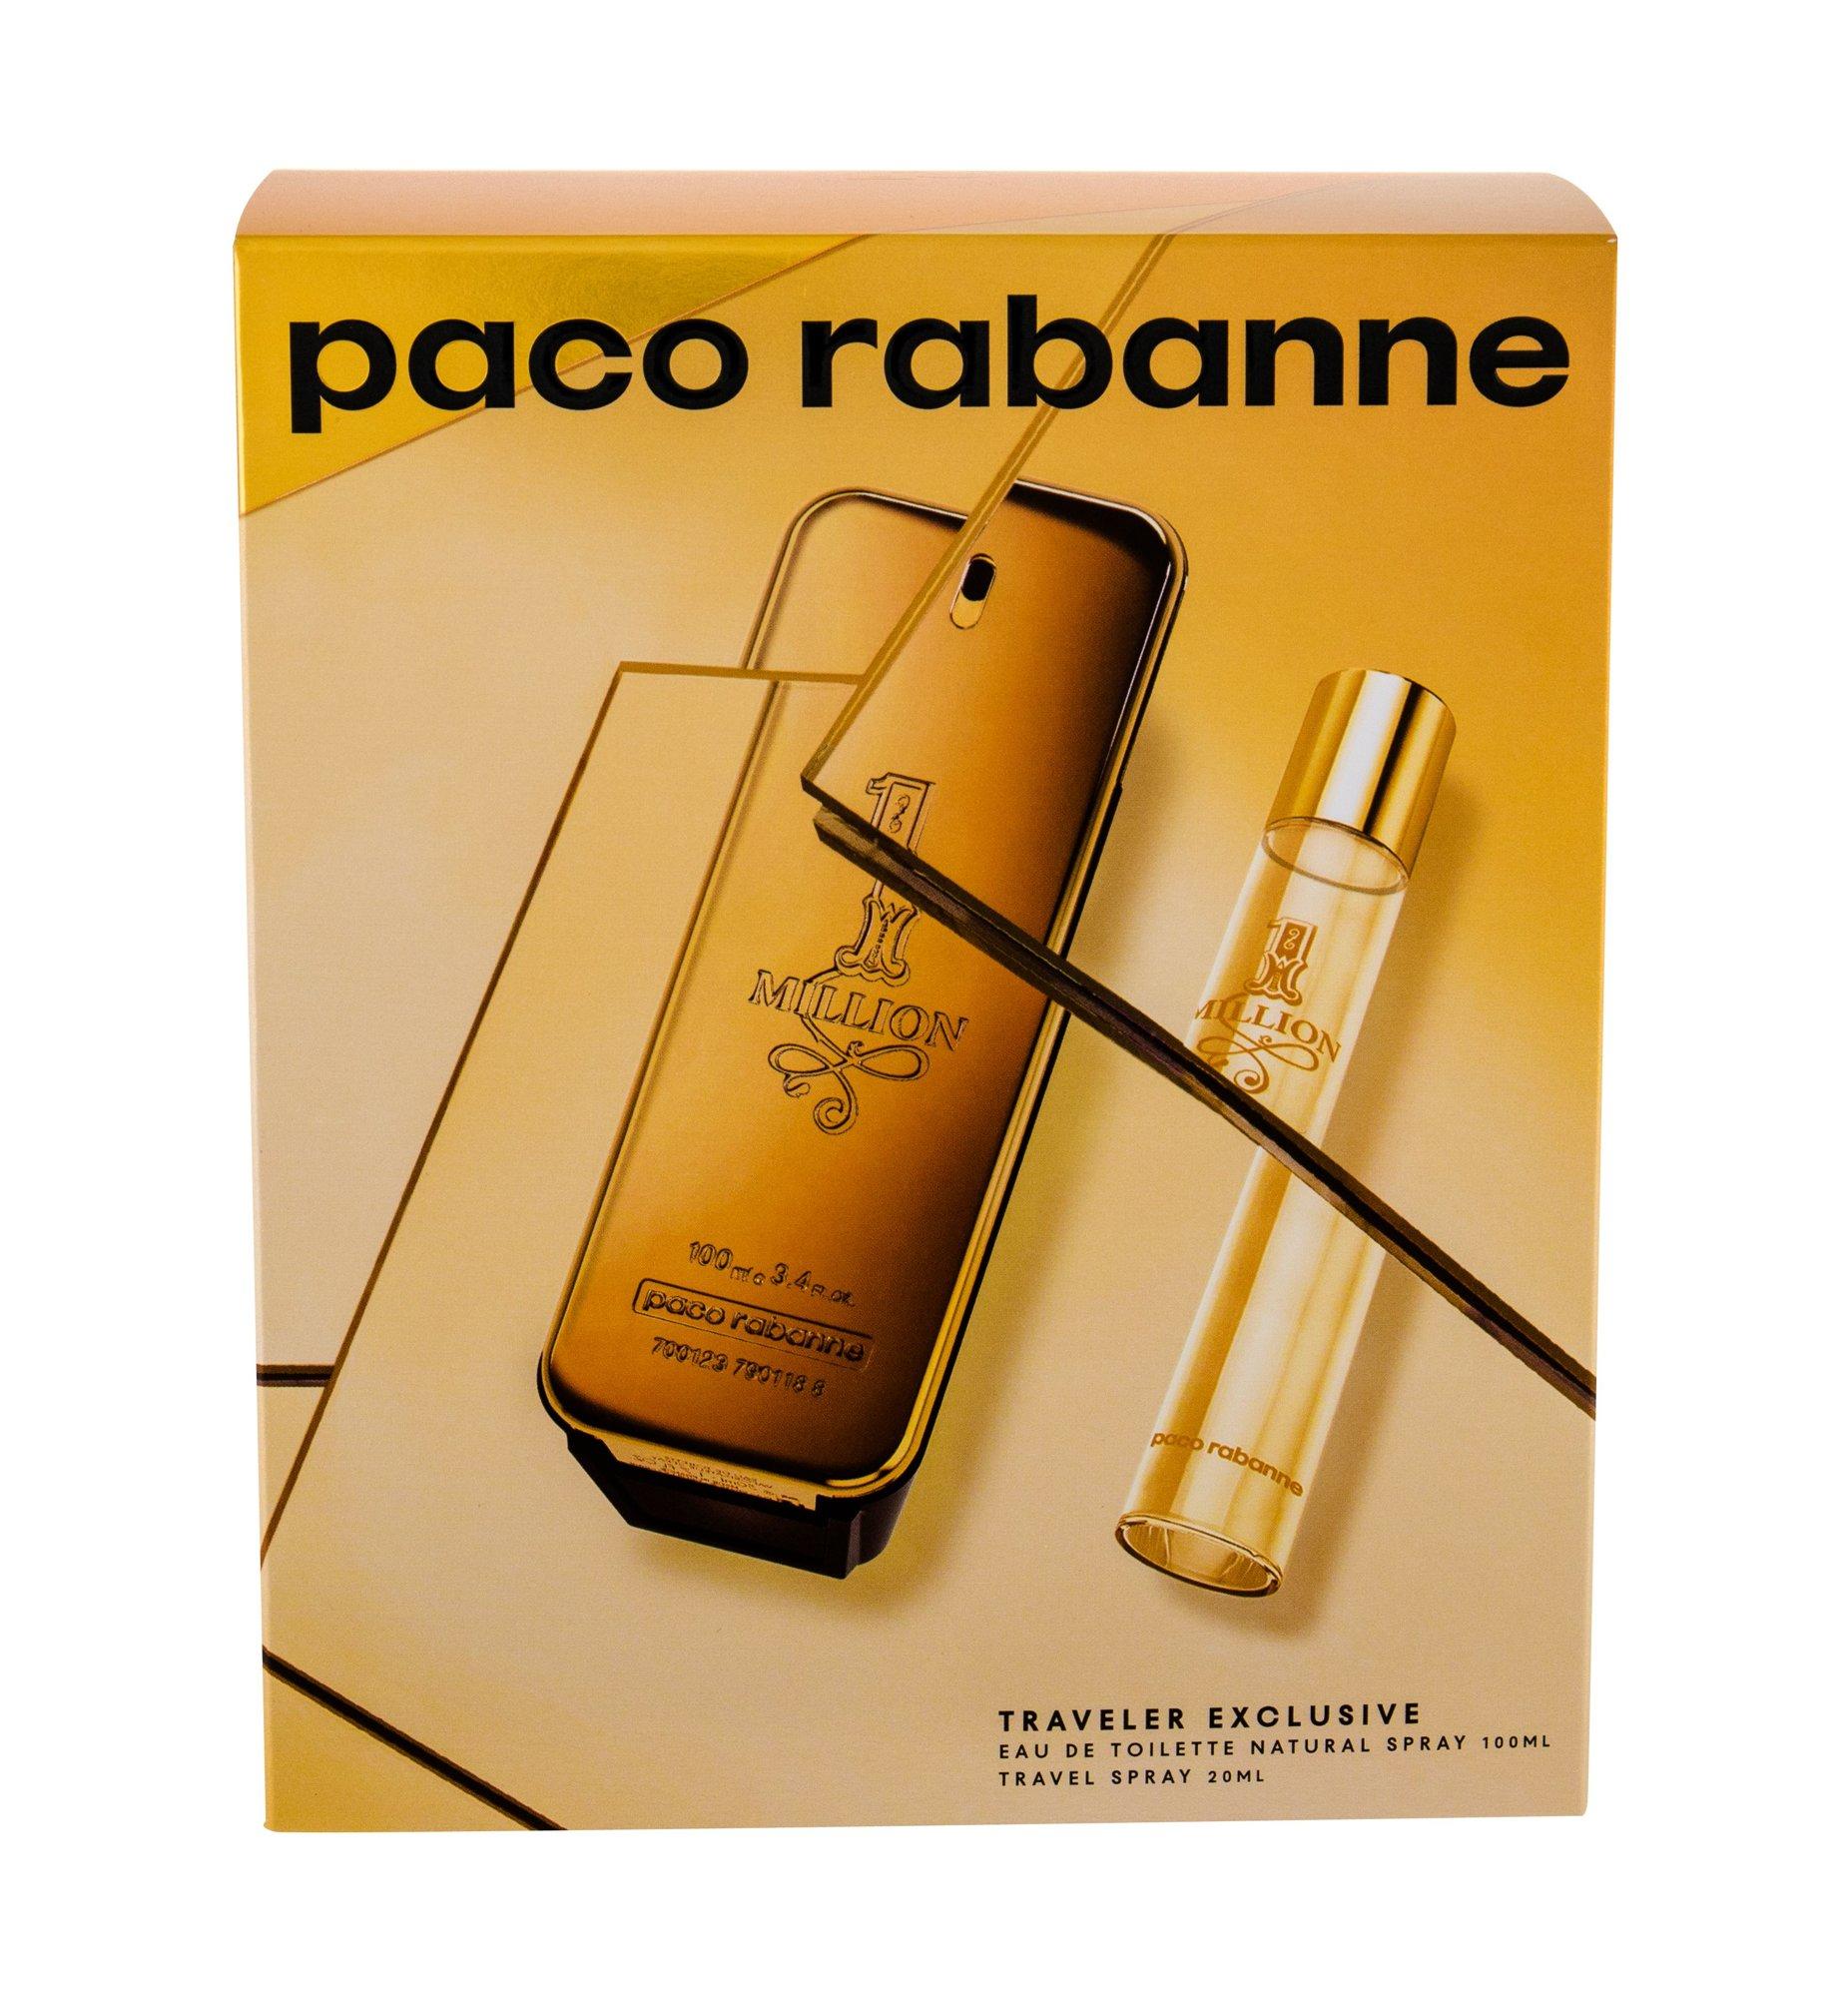 Paco Rabanne 1 Million, Toaletní voda 100 ml + Toaletní voda 20 ml